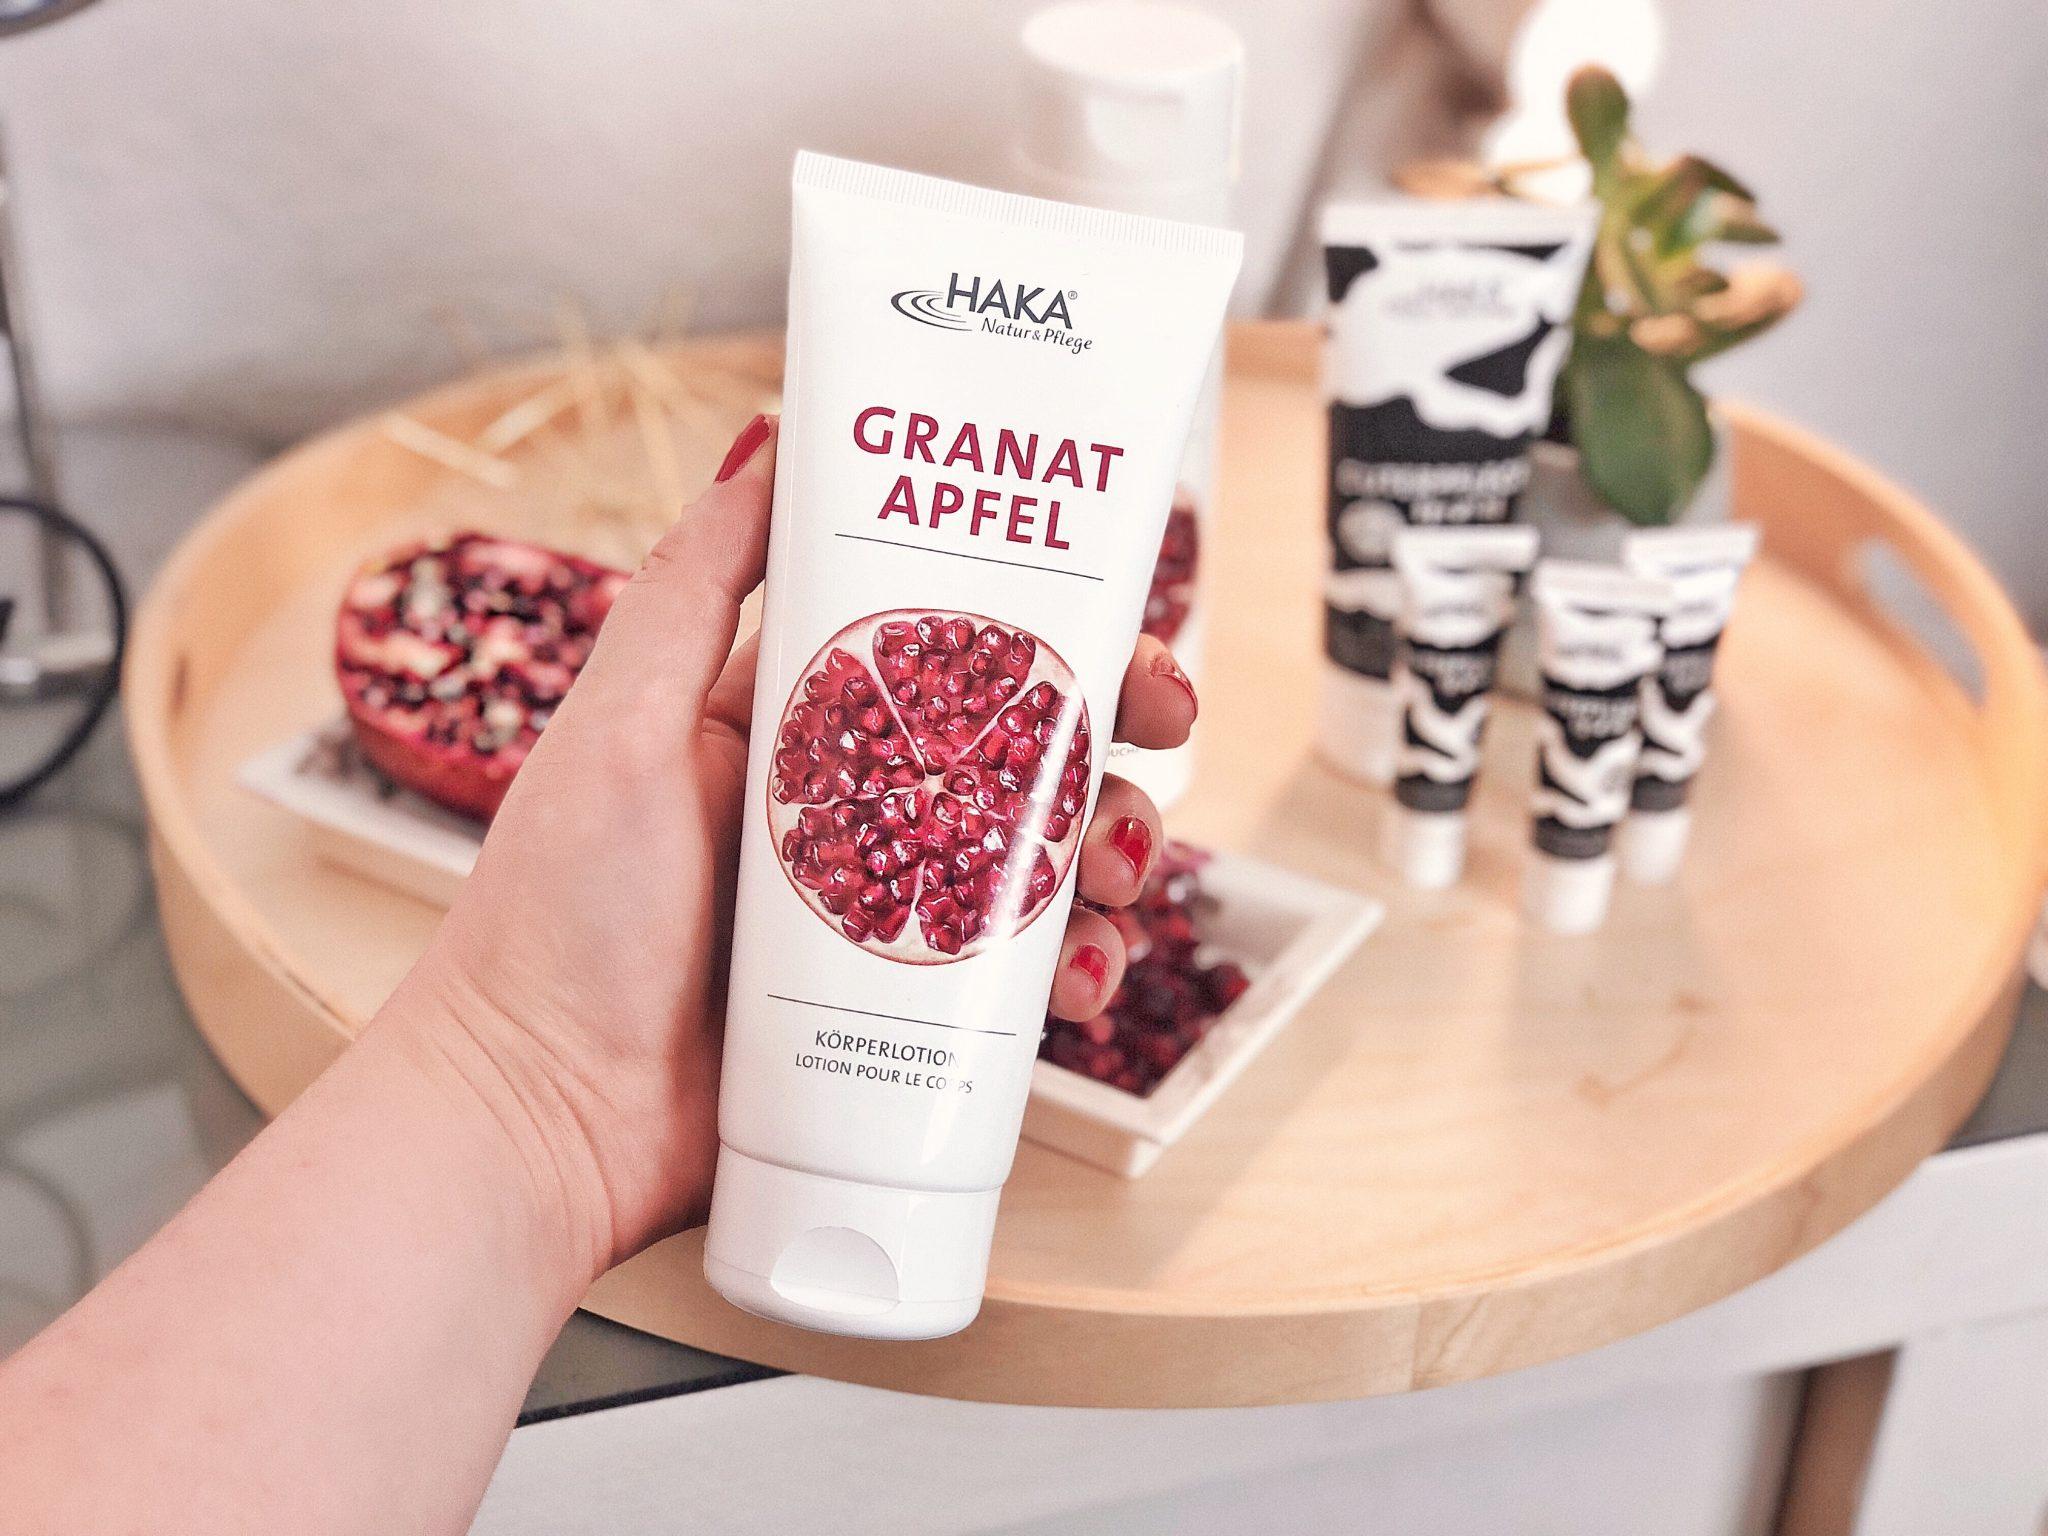 granatapfel-pflege-erfahrungen-haka-kunz